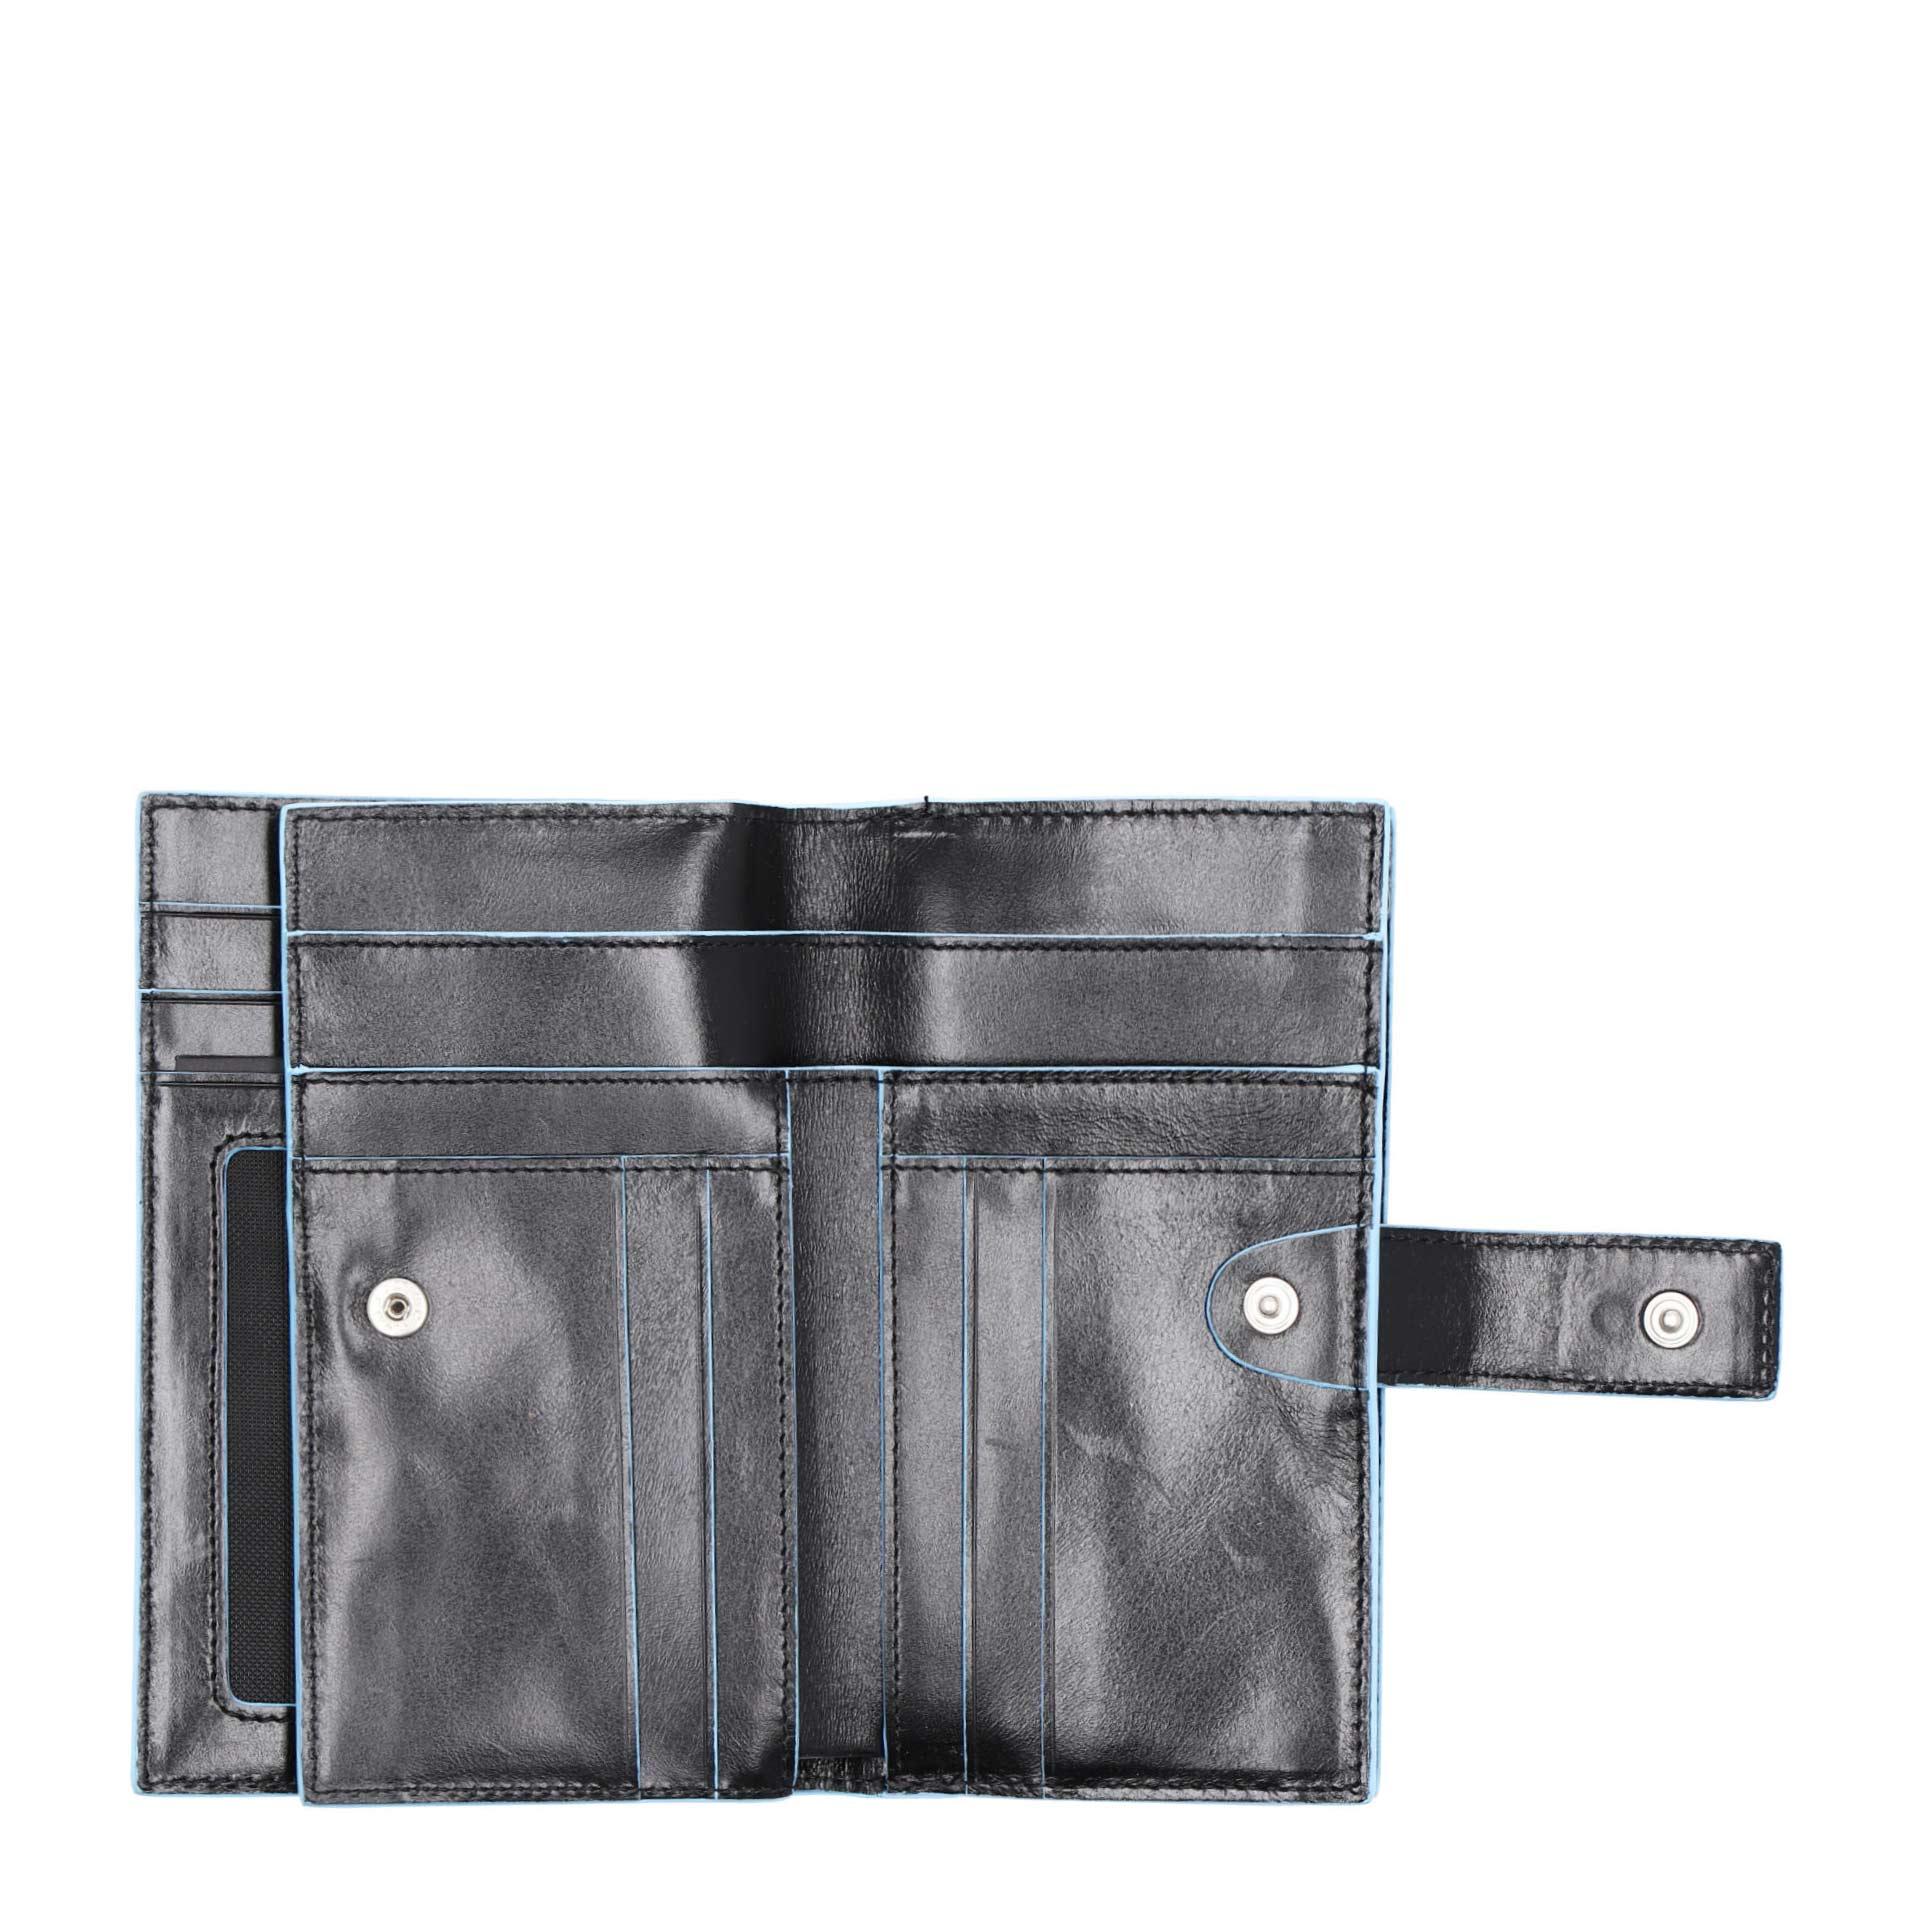 Damen Geldbörse black